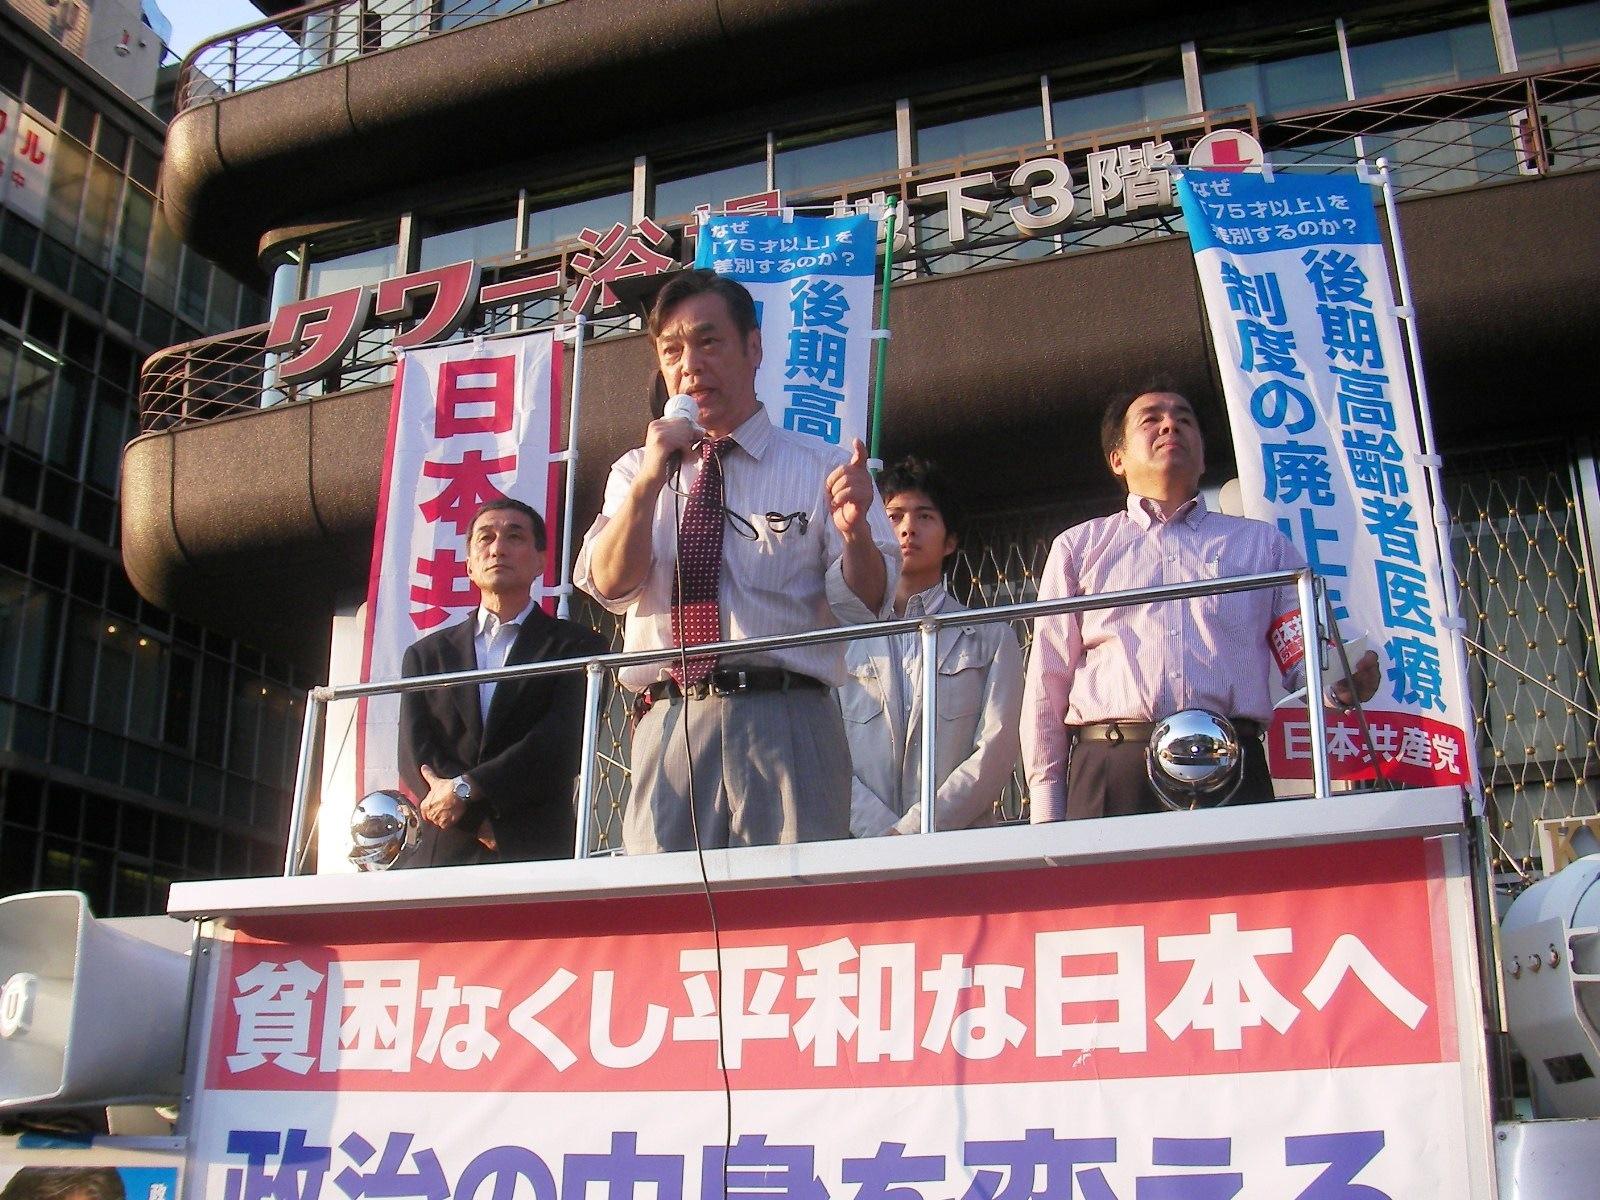 京都タワー前で街頭演説